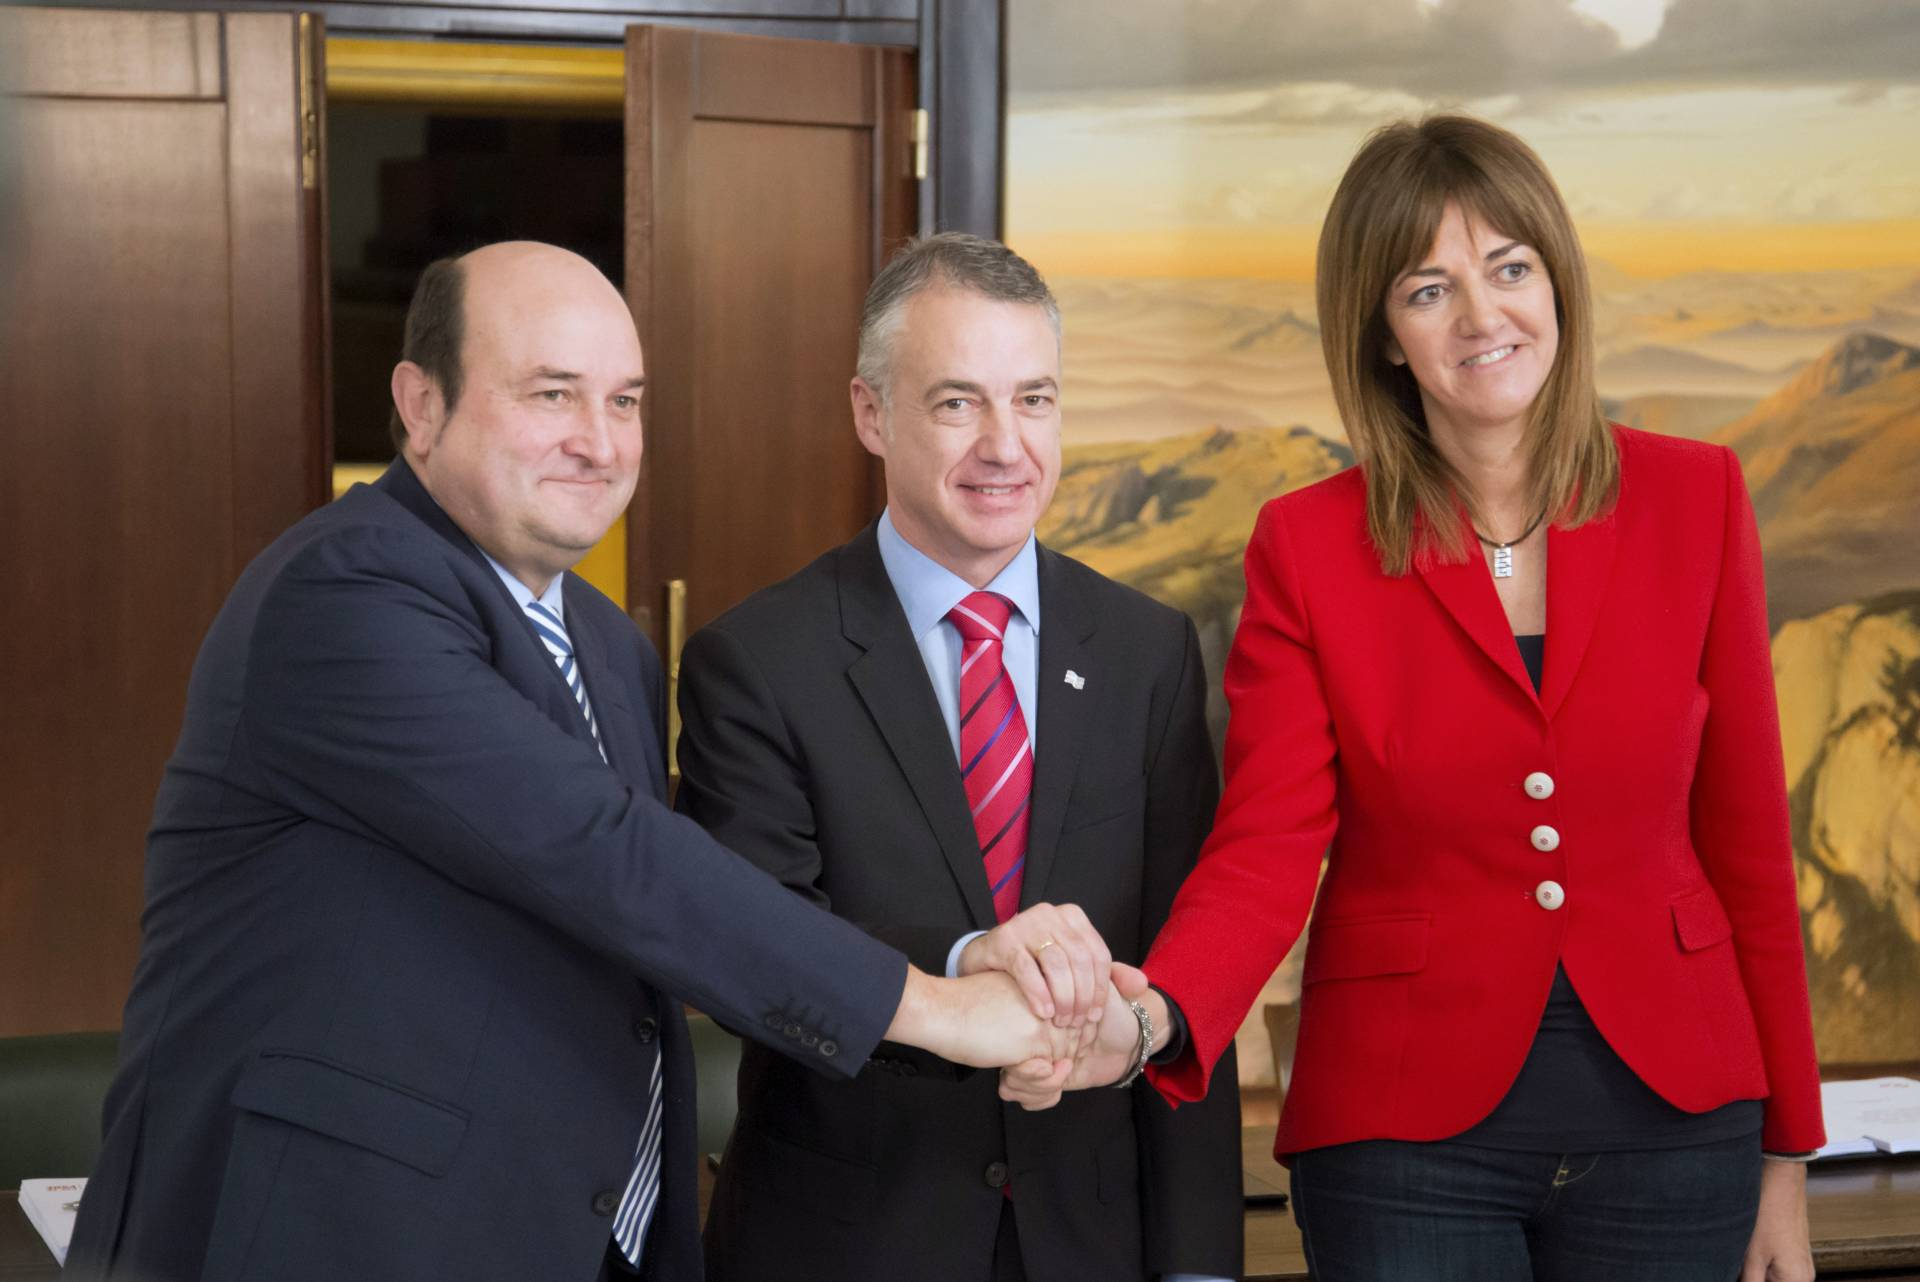 El PSE respalda con límites el texto del PNV para dar un nuevo 'encaje' a Euskadi en España